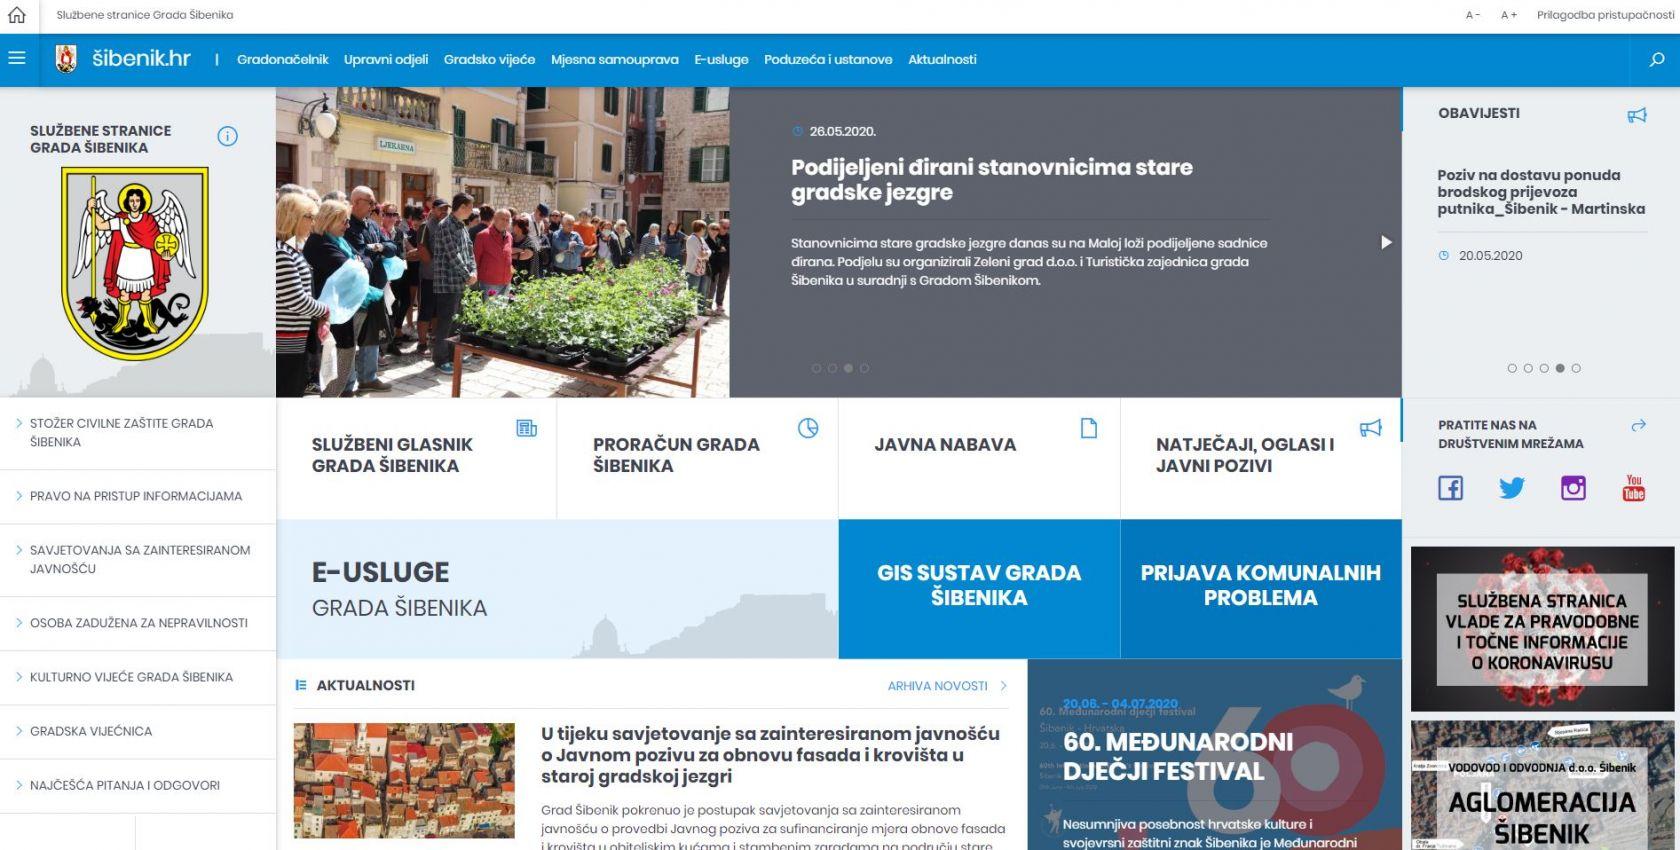 Novi izgled internetske stranice Grada Šibenika